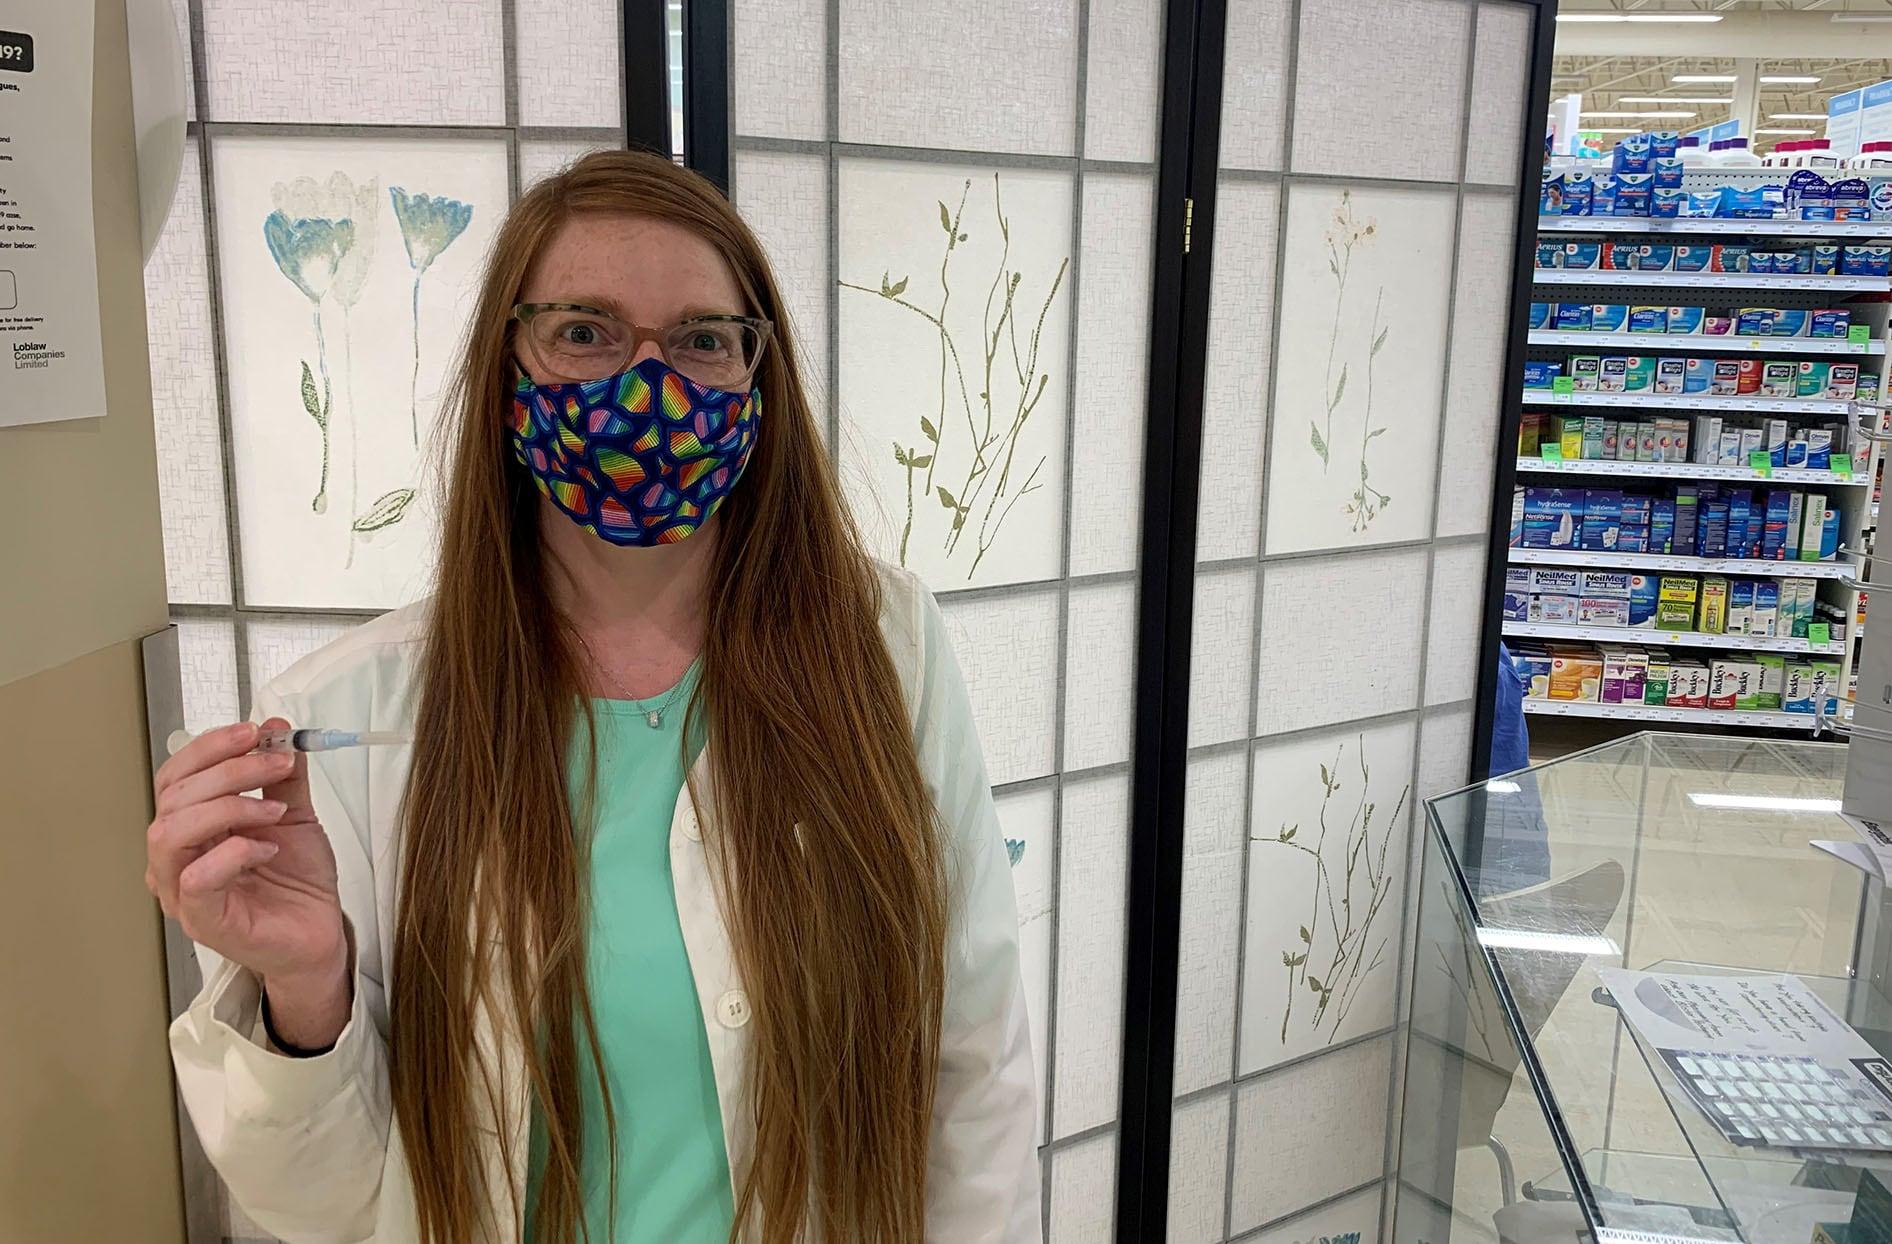 Jenna porte un masque facial tout en tenant une seringue utilisée pour les vaccins.